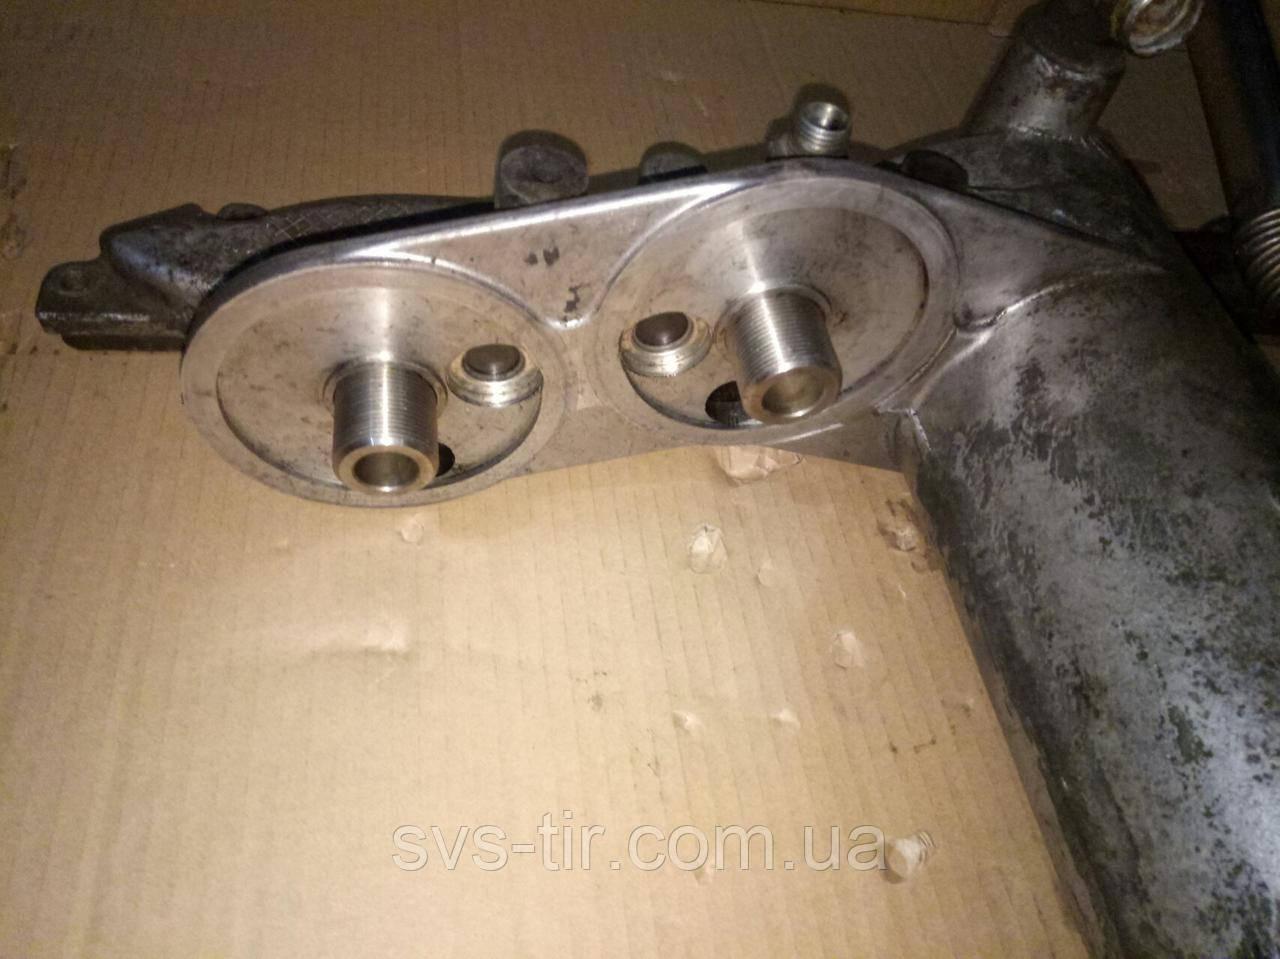 Теплообменник на рено премиум 420 теплообменник пластинчатый нн 86 ридан